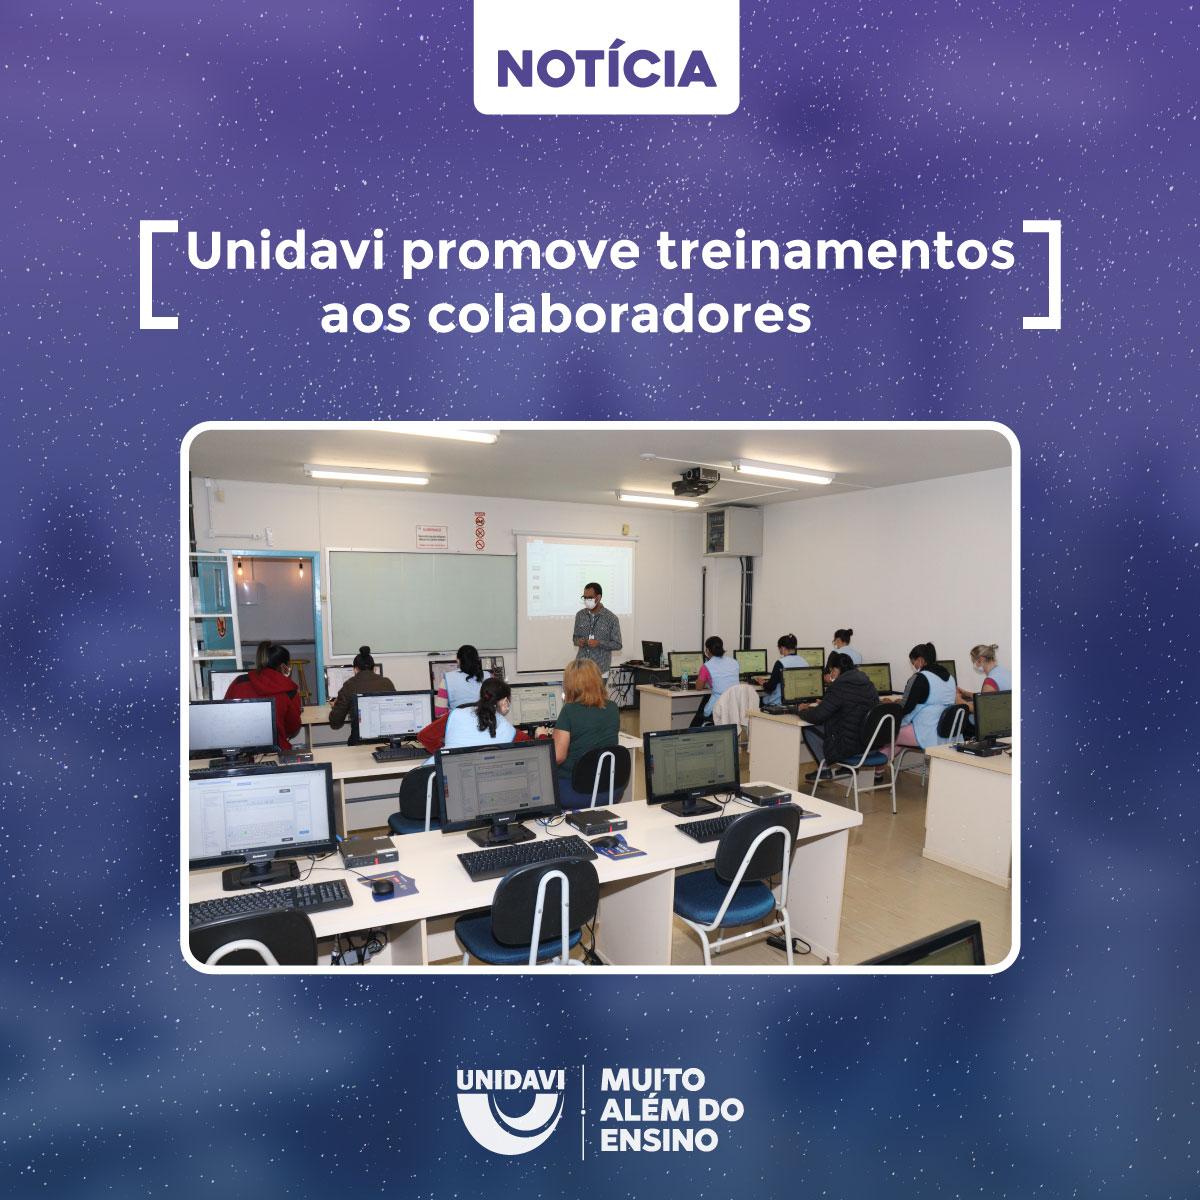 Unidavi promove treinamentos aos colaboradores